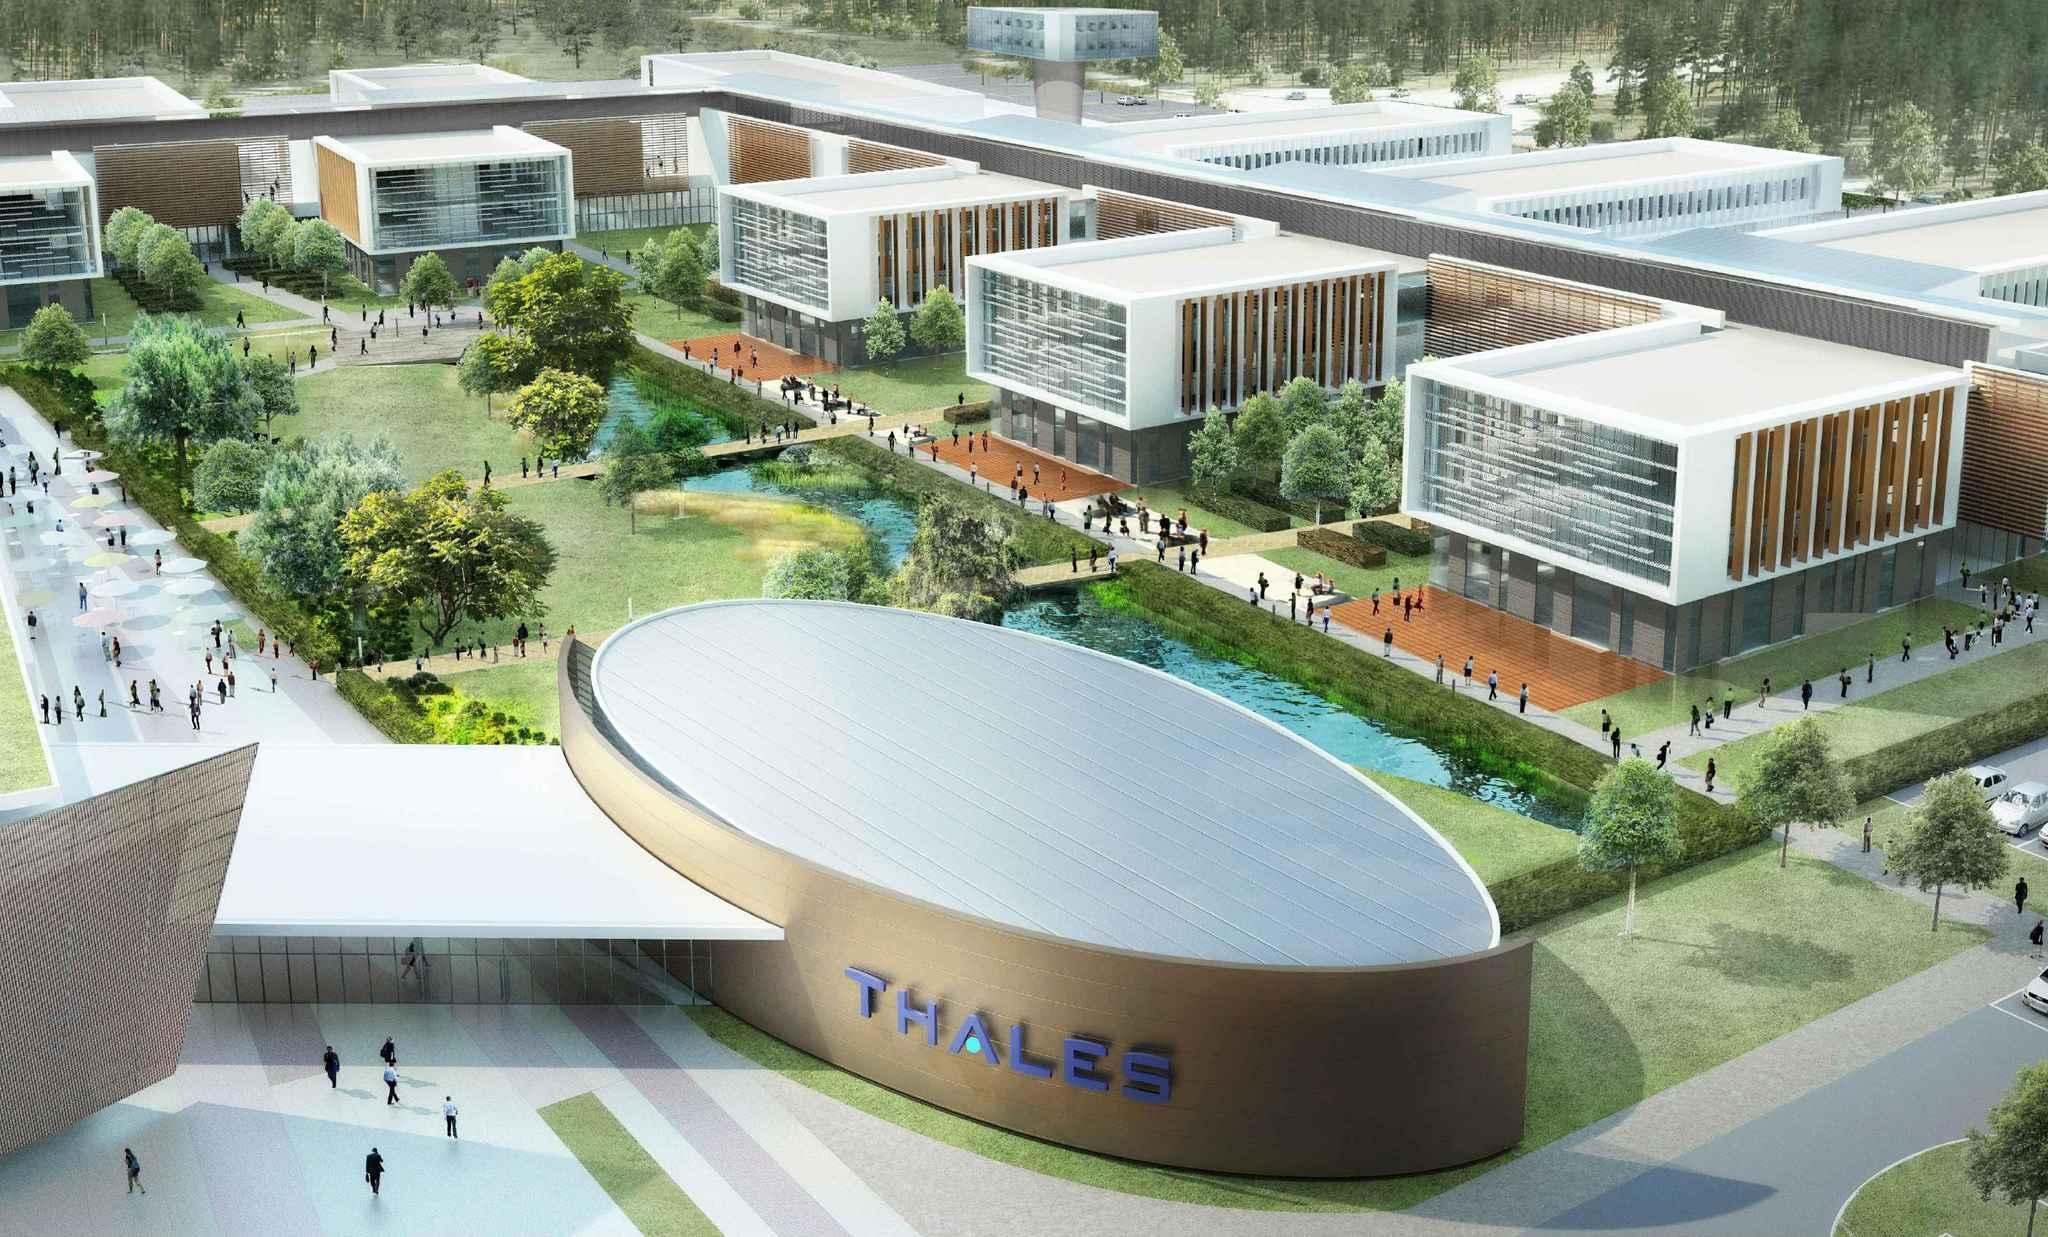 Gupo Thales especializado en aeronáutica, defensa y tecnología de la información